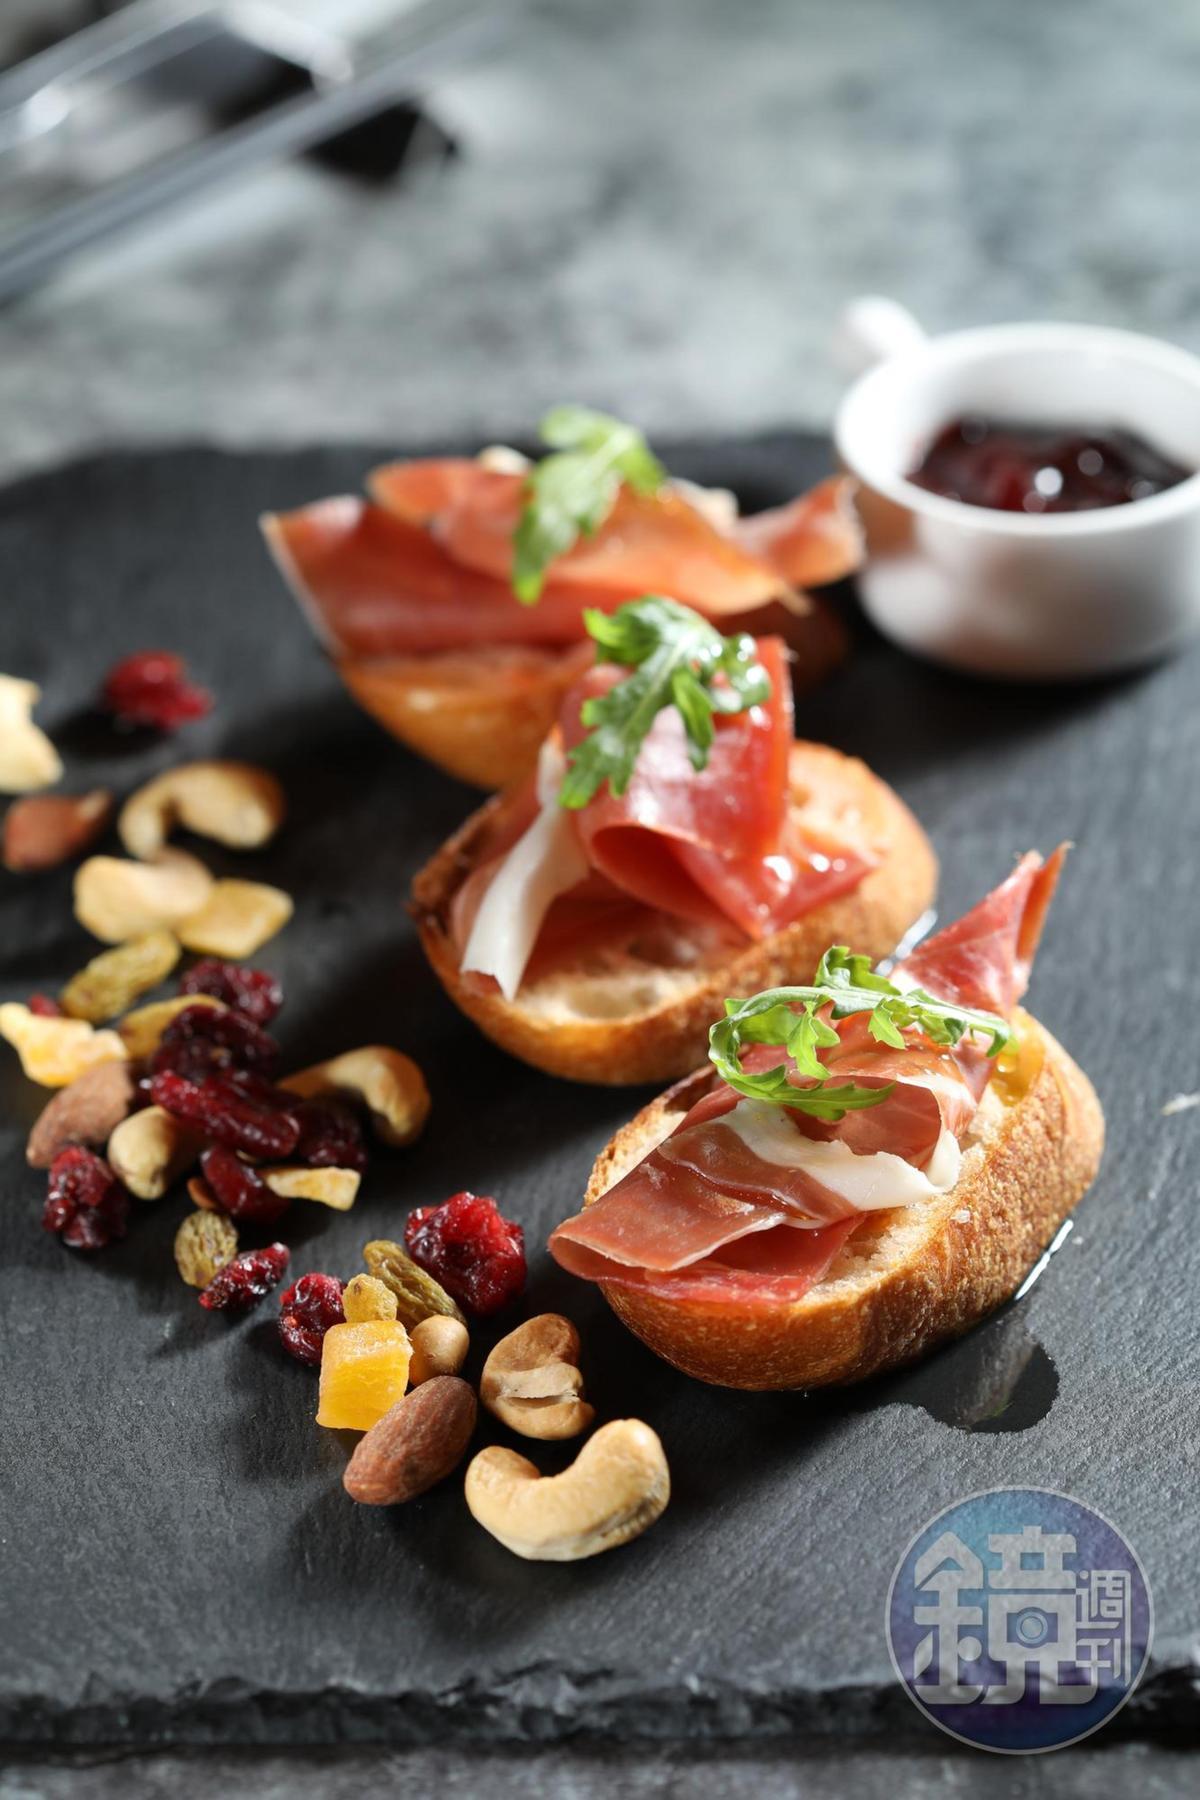 酥脆的長棍麵包切片,抹上番茄、蒜頭,再放上「法國拜恩風乾生火腿」,賦予輕食香氣層次。(法國拜恩風乾生火腿,325元/50g)